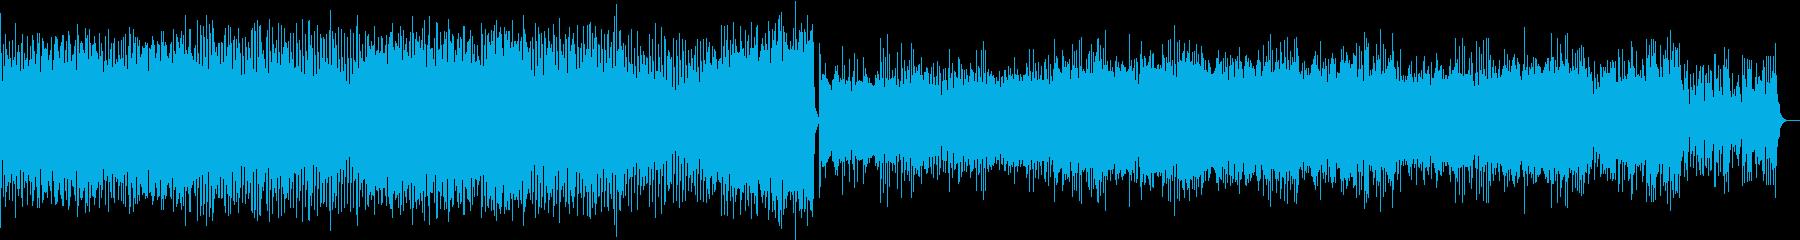 いざ箱根ドライブ!ハウス+ラテンファンクの再生済みの波形